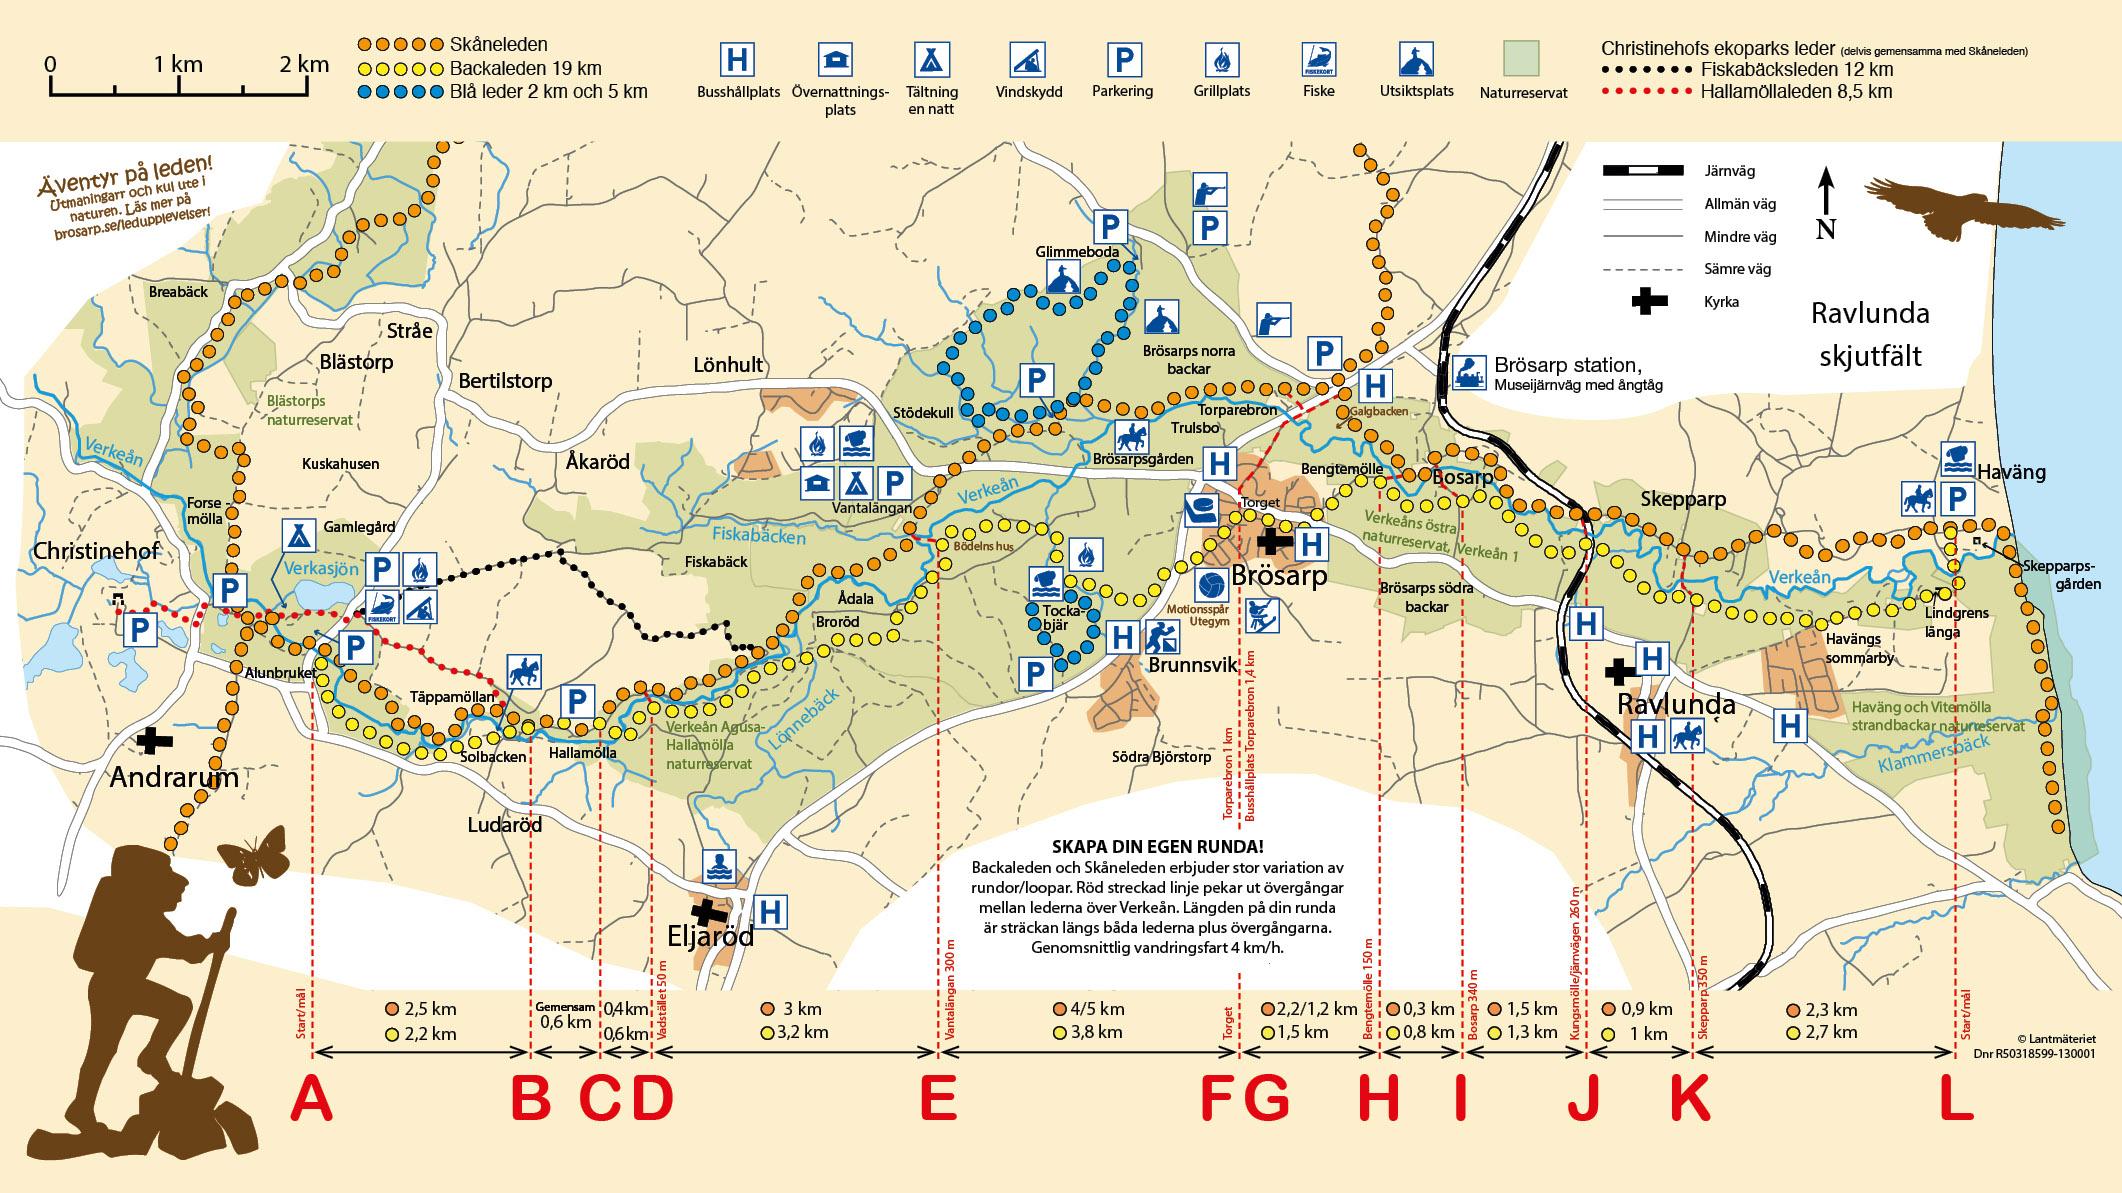 Ladda ner karta över Backaleden och Skåneleden med alla dess loopar och rundvandringar.